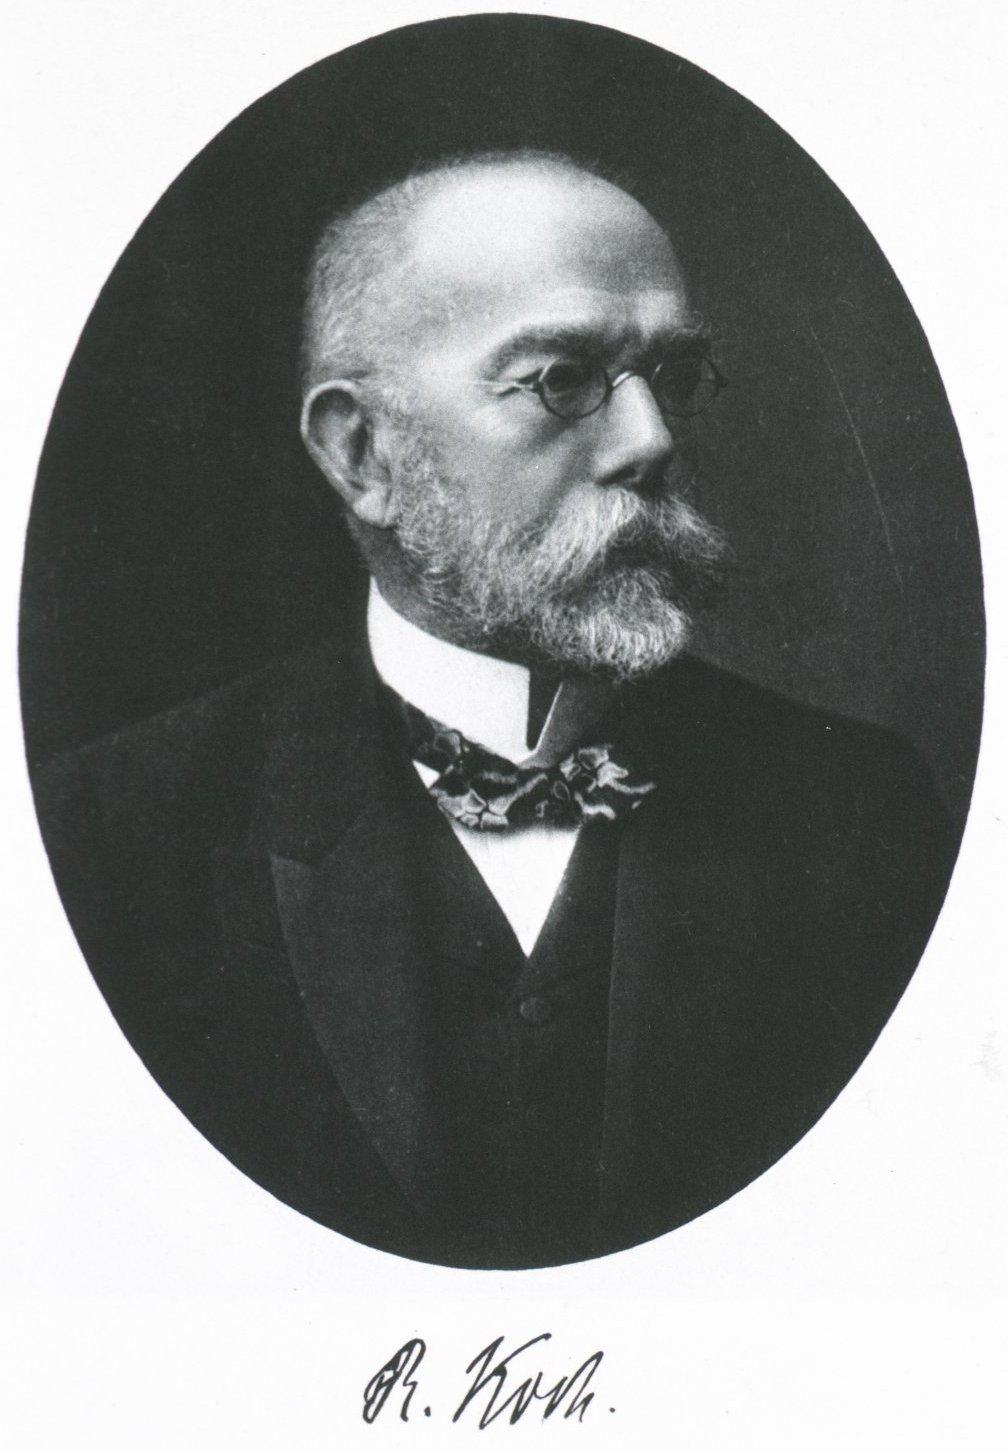 RobertKoch.jpg